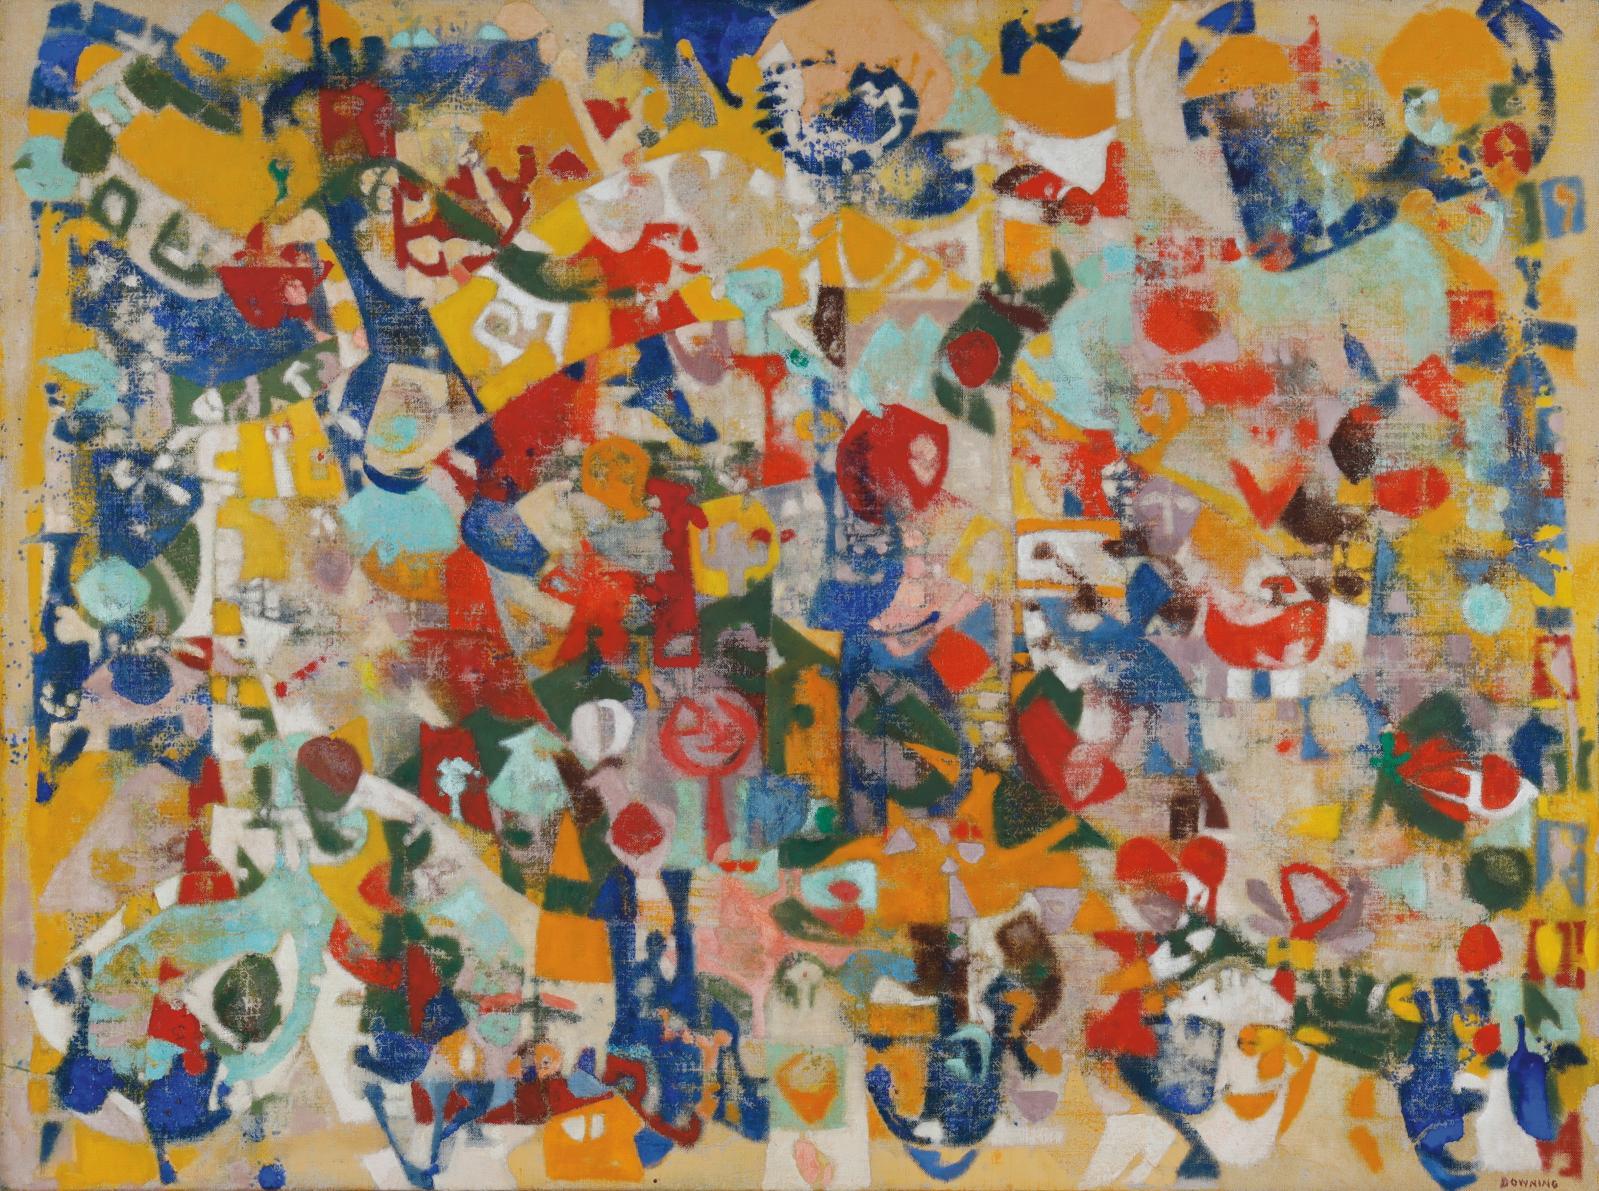 Acquise directement dans l'atelier de Joe Downing(1925-2007), à Ménerbes dans le Luberon, où l'artiste a fini sa vie, cette huile sur toi